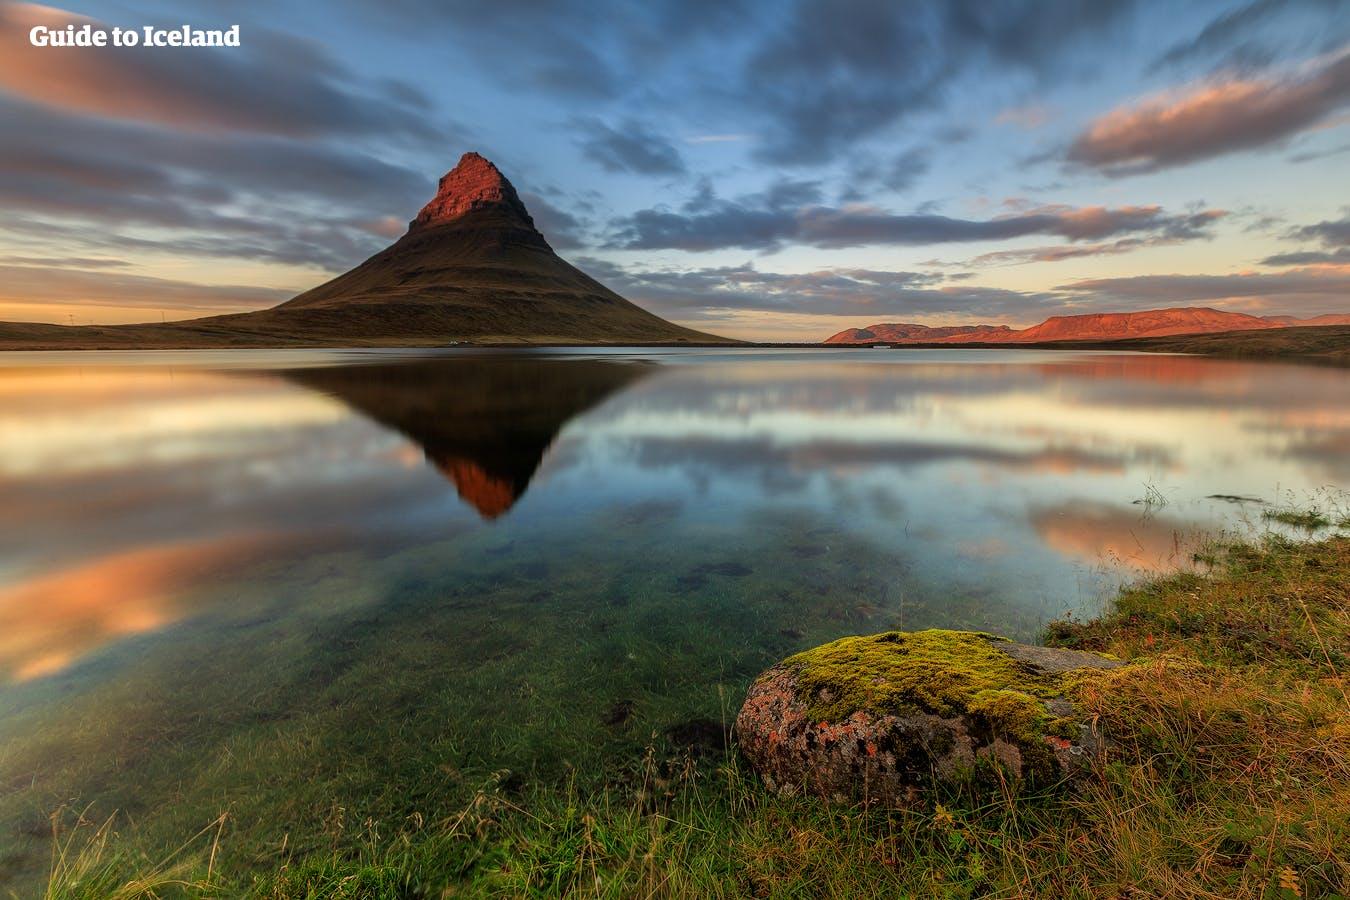 Der Berg Kirkjufell ist eines der Wahrzeichen der Halbinsel Snæfellsnes.